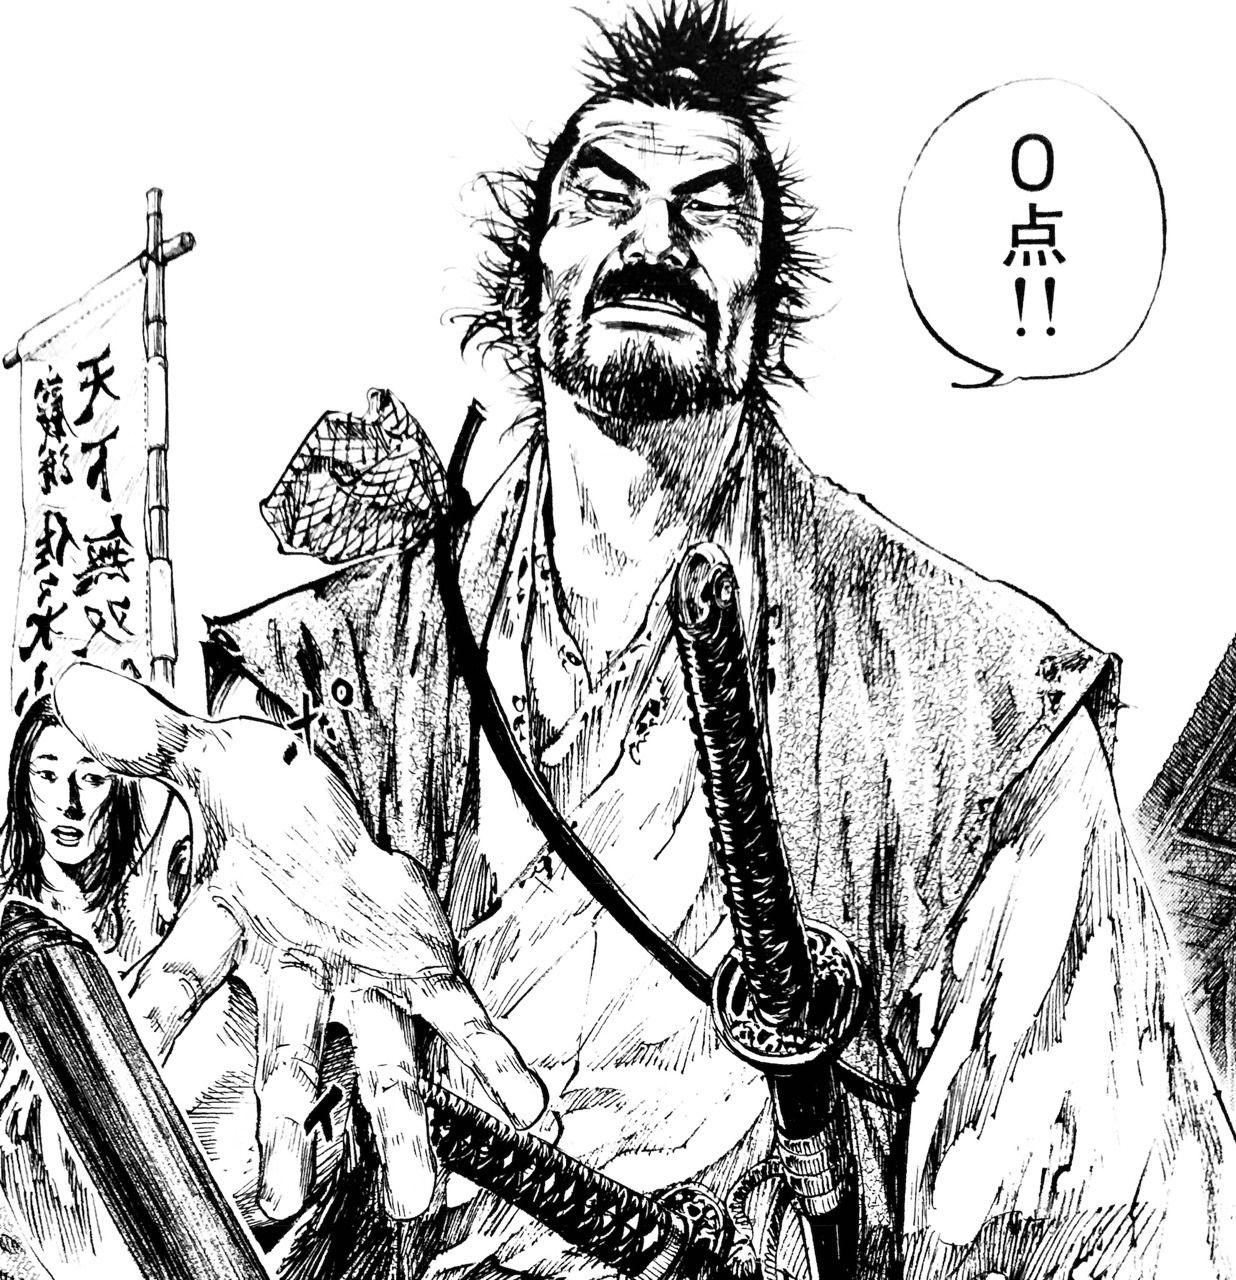 バガボンド Vagabond 伊藤一刀斎 Itou Ittousai アニメ イラスト